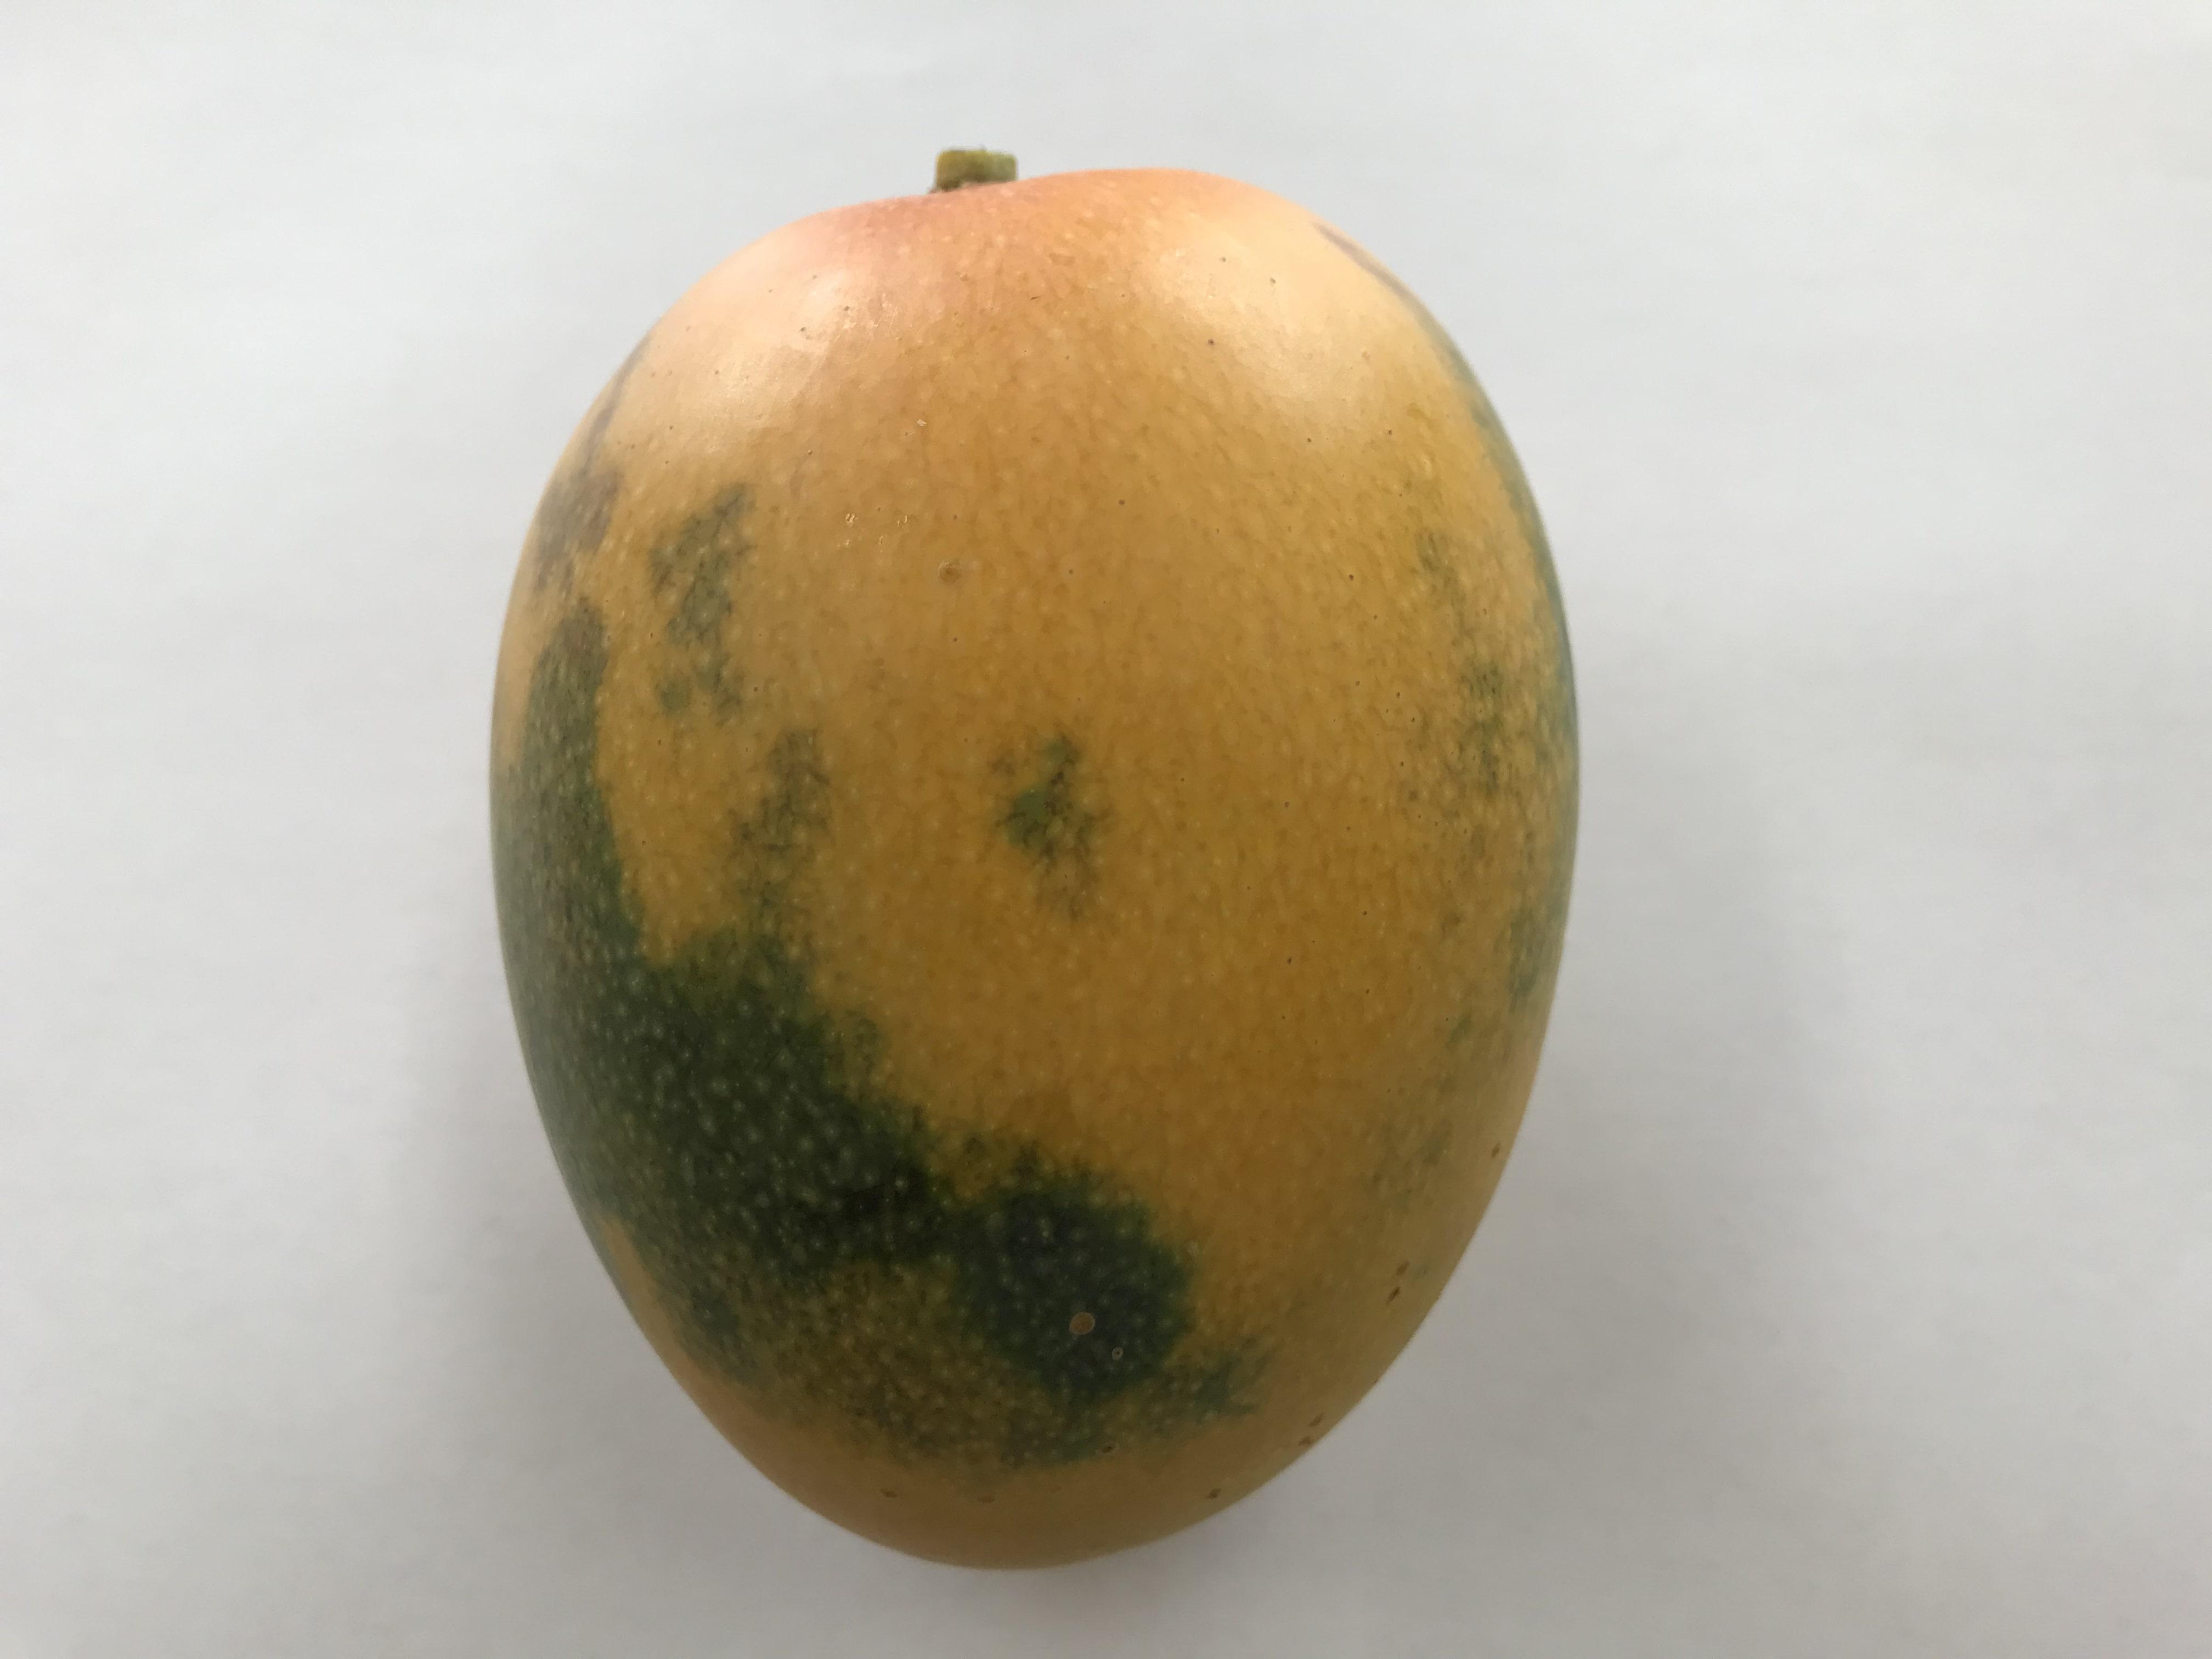 金蜜マンゴー